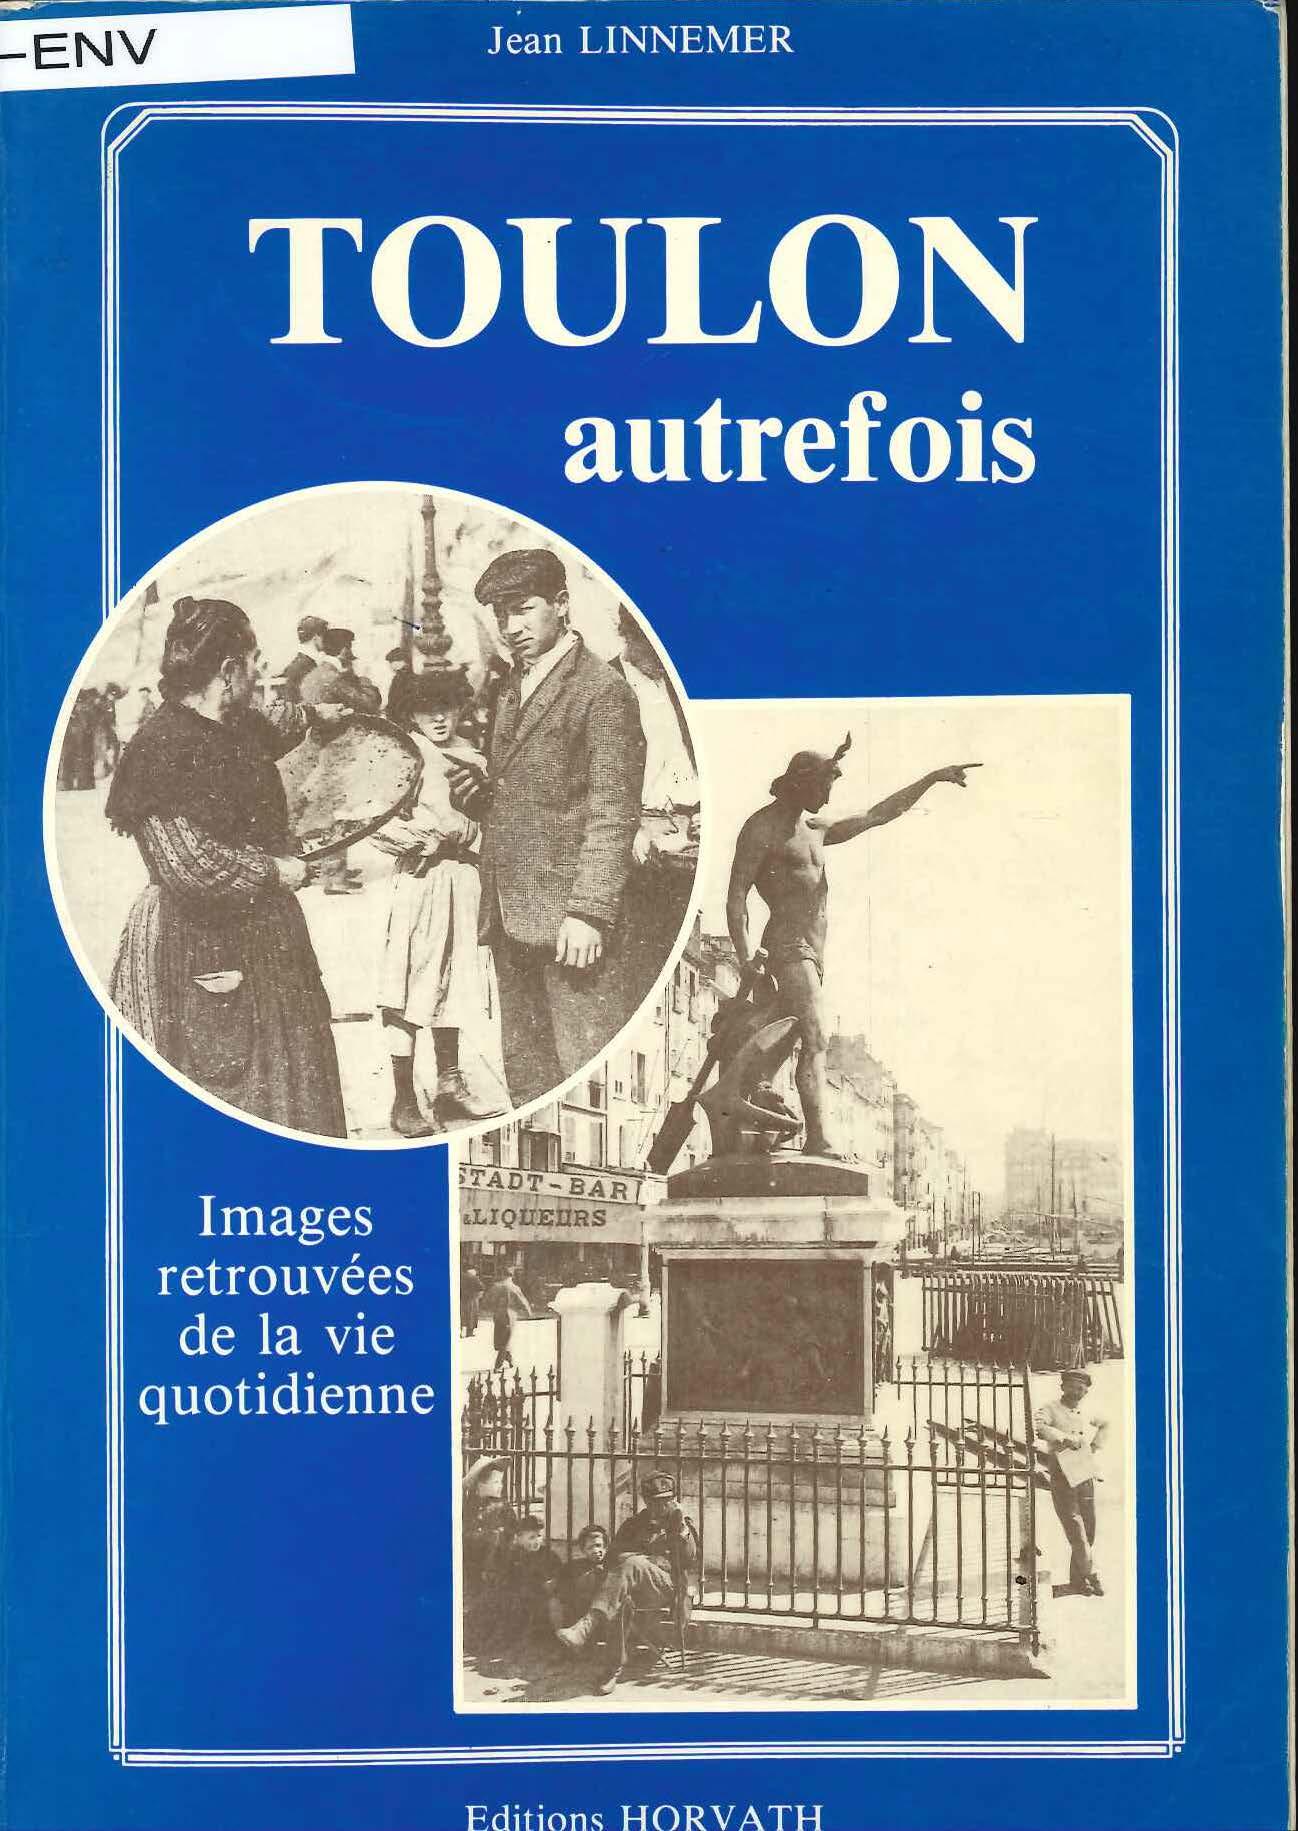 Toulon autrefois